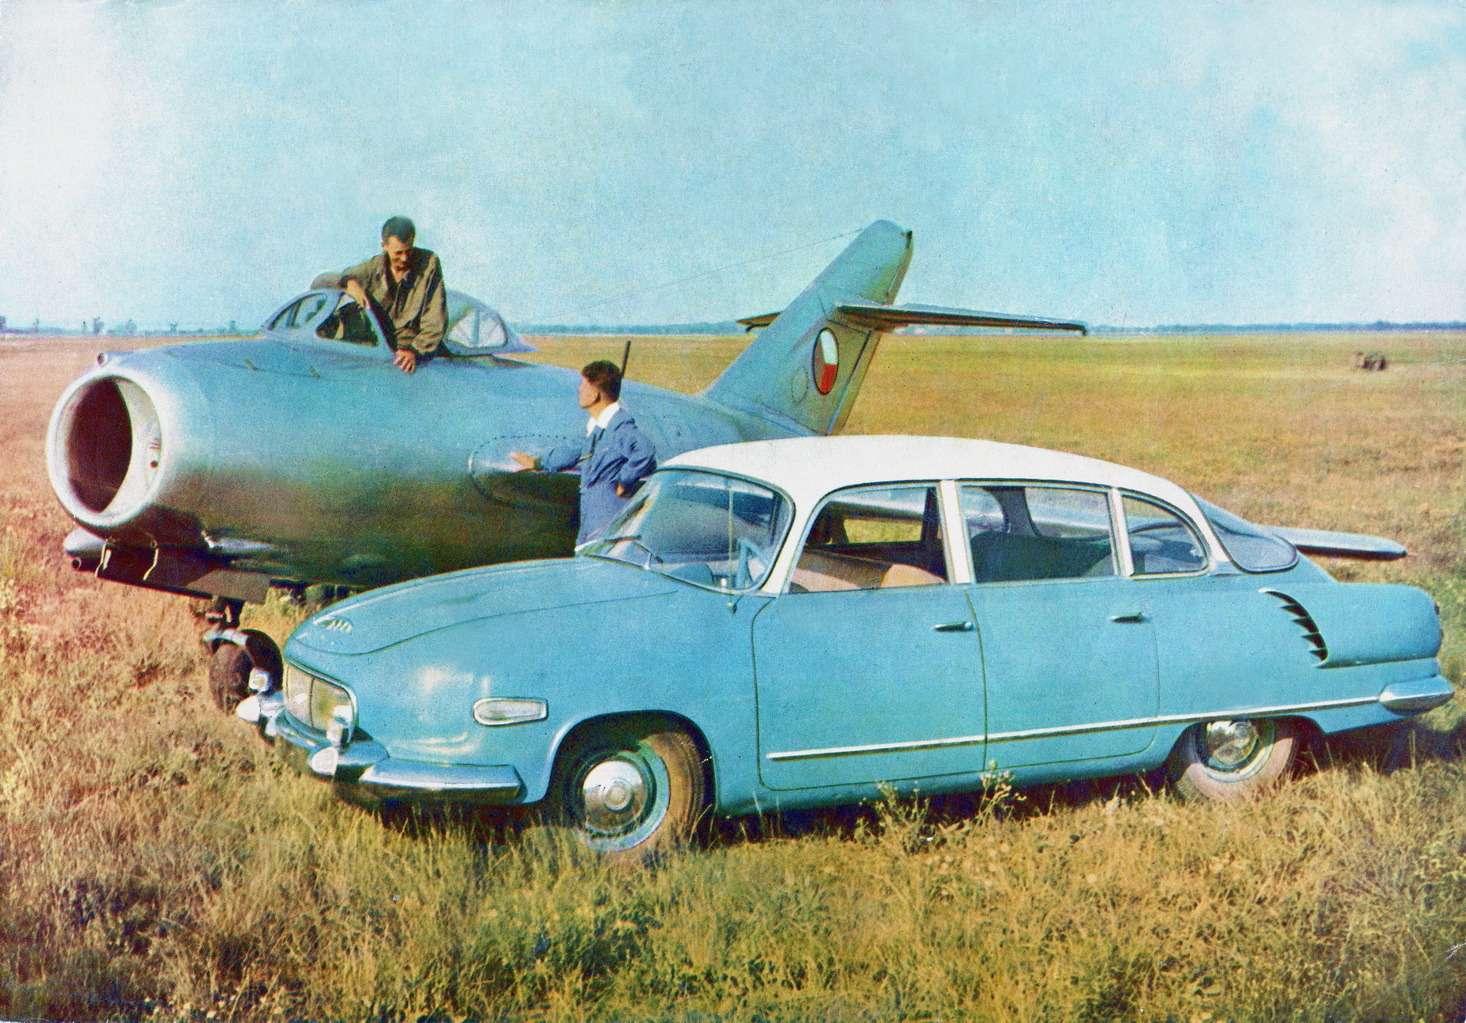 Серийное производство Tatra-603 развернулось с1957 года. Нарепродукции изрекламной брошюры автомобиль (лобовое стекло уже цельное) стоит рядом счехословацким реактивным истребителем S-102, представлявшим собой лицензионный советский МиГ-15